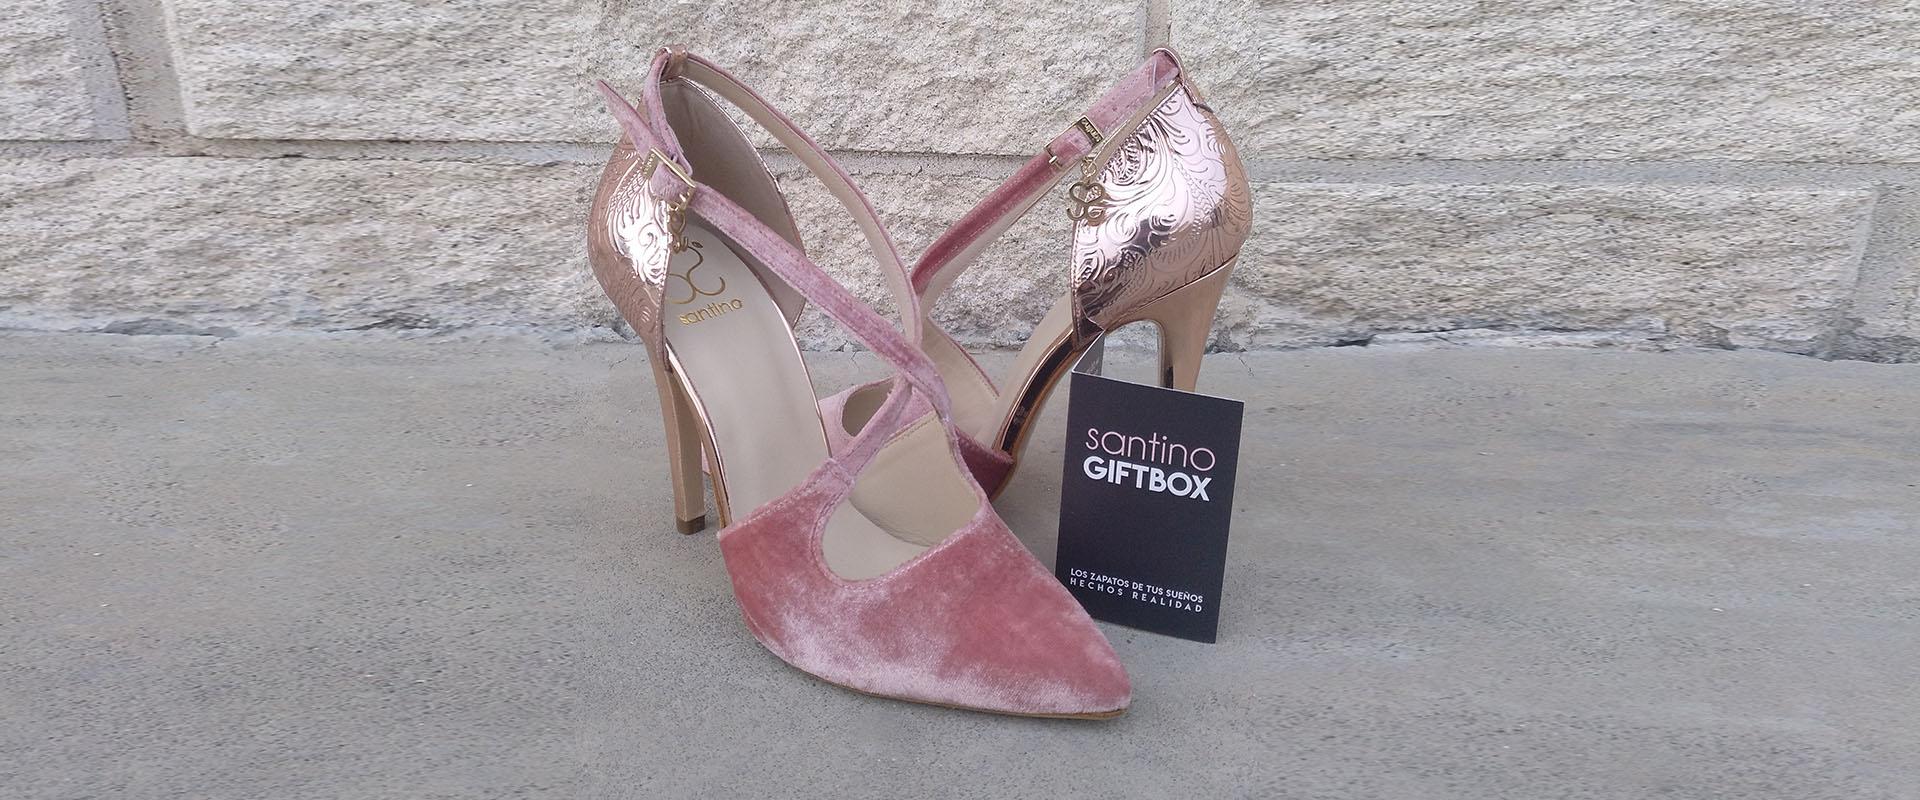 Regala zapatos a medida personalizados